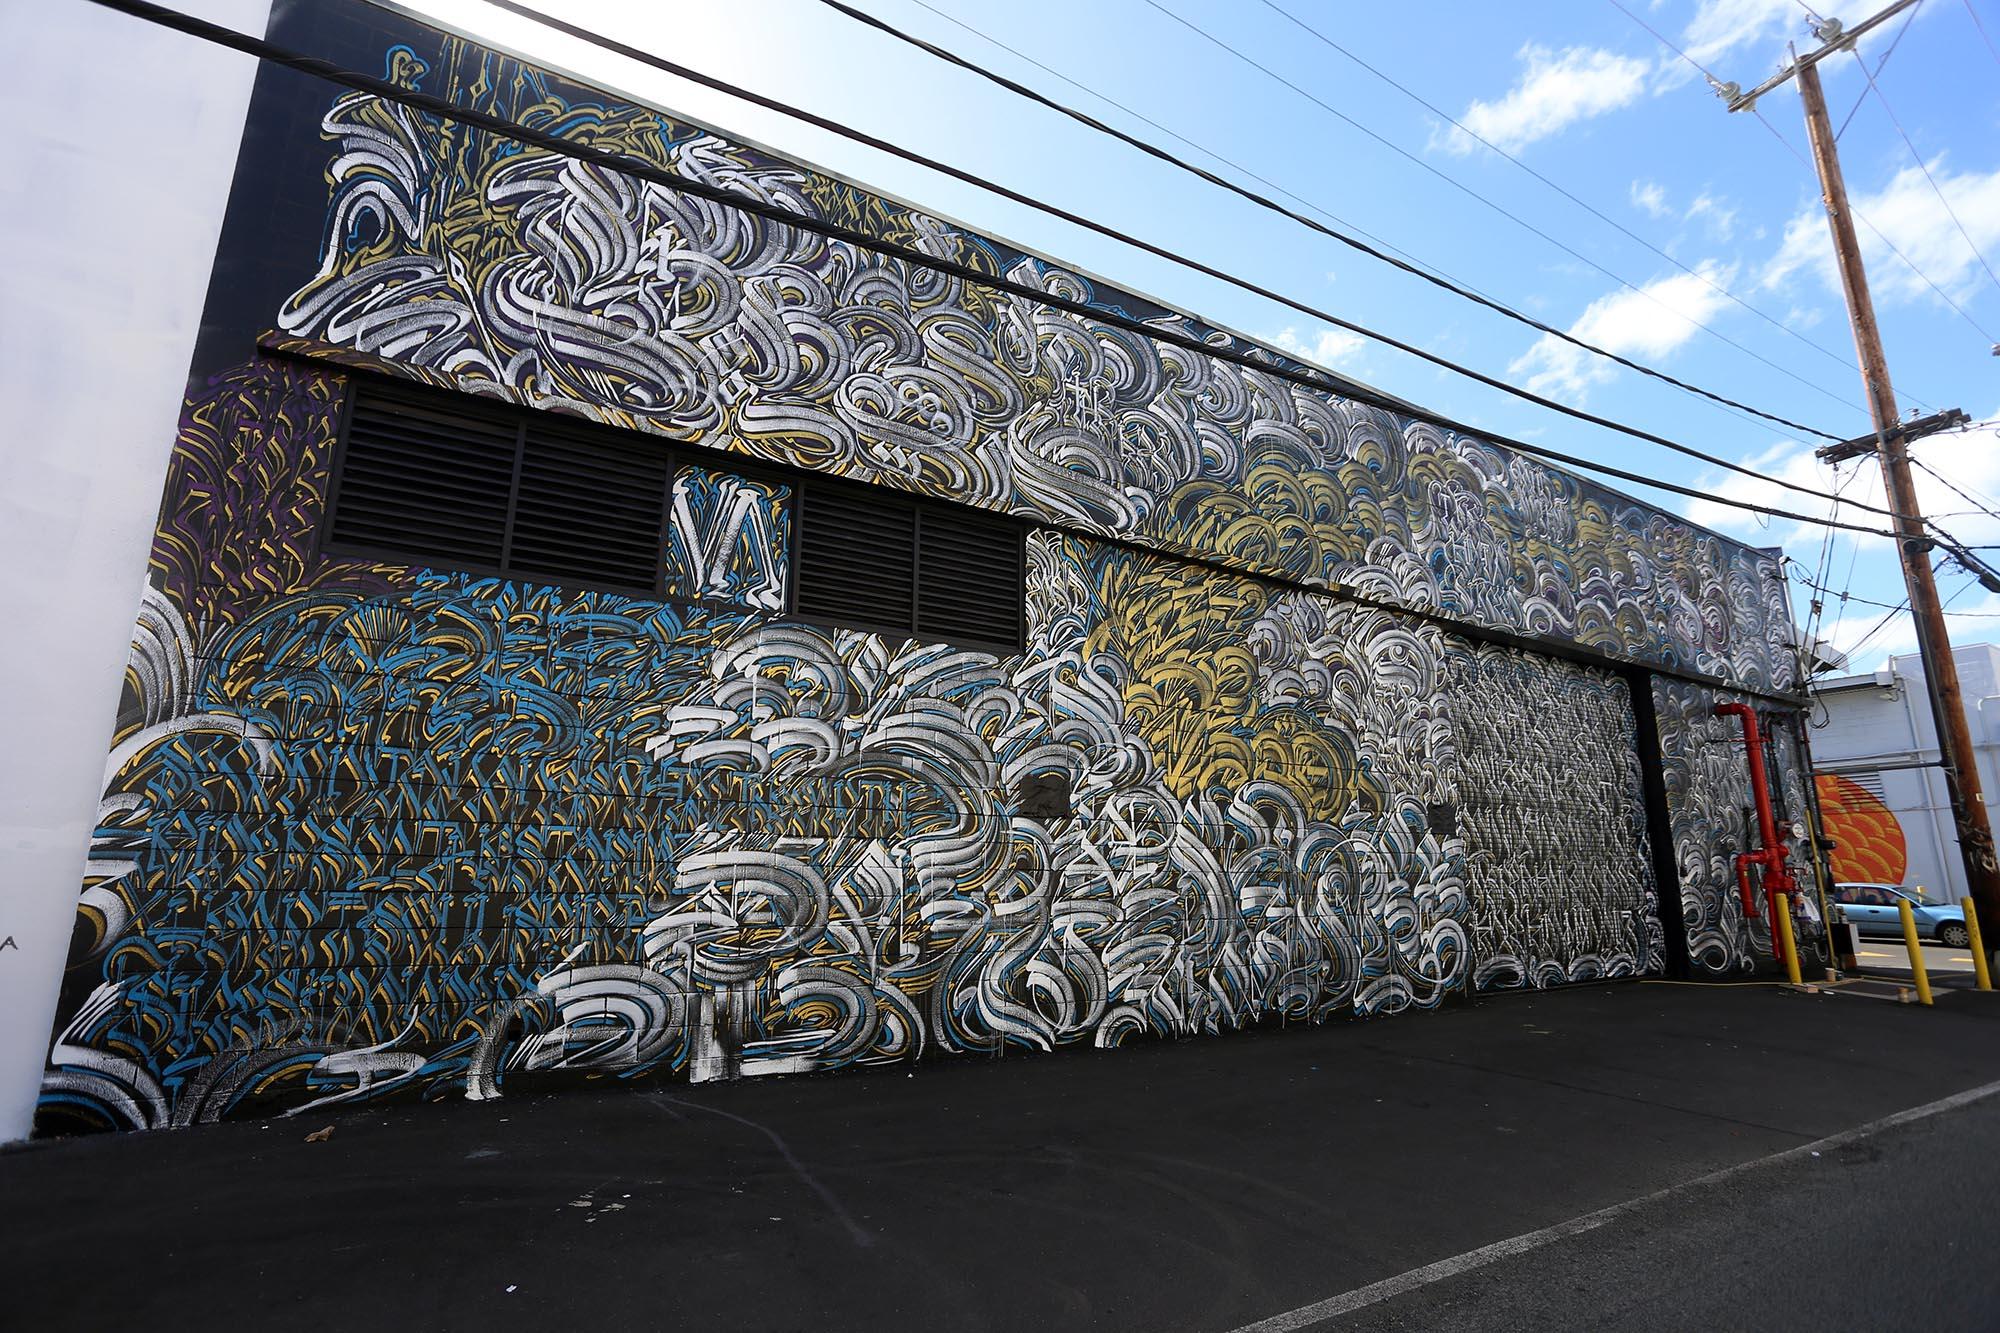 alex-defer-kizu-mural-pow-wow-festival-grafite-dionisio-arte (5)